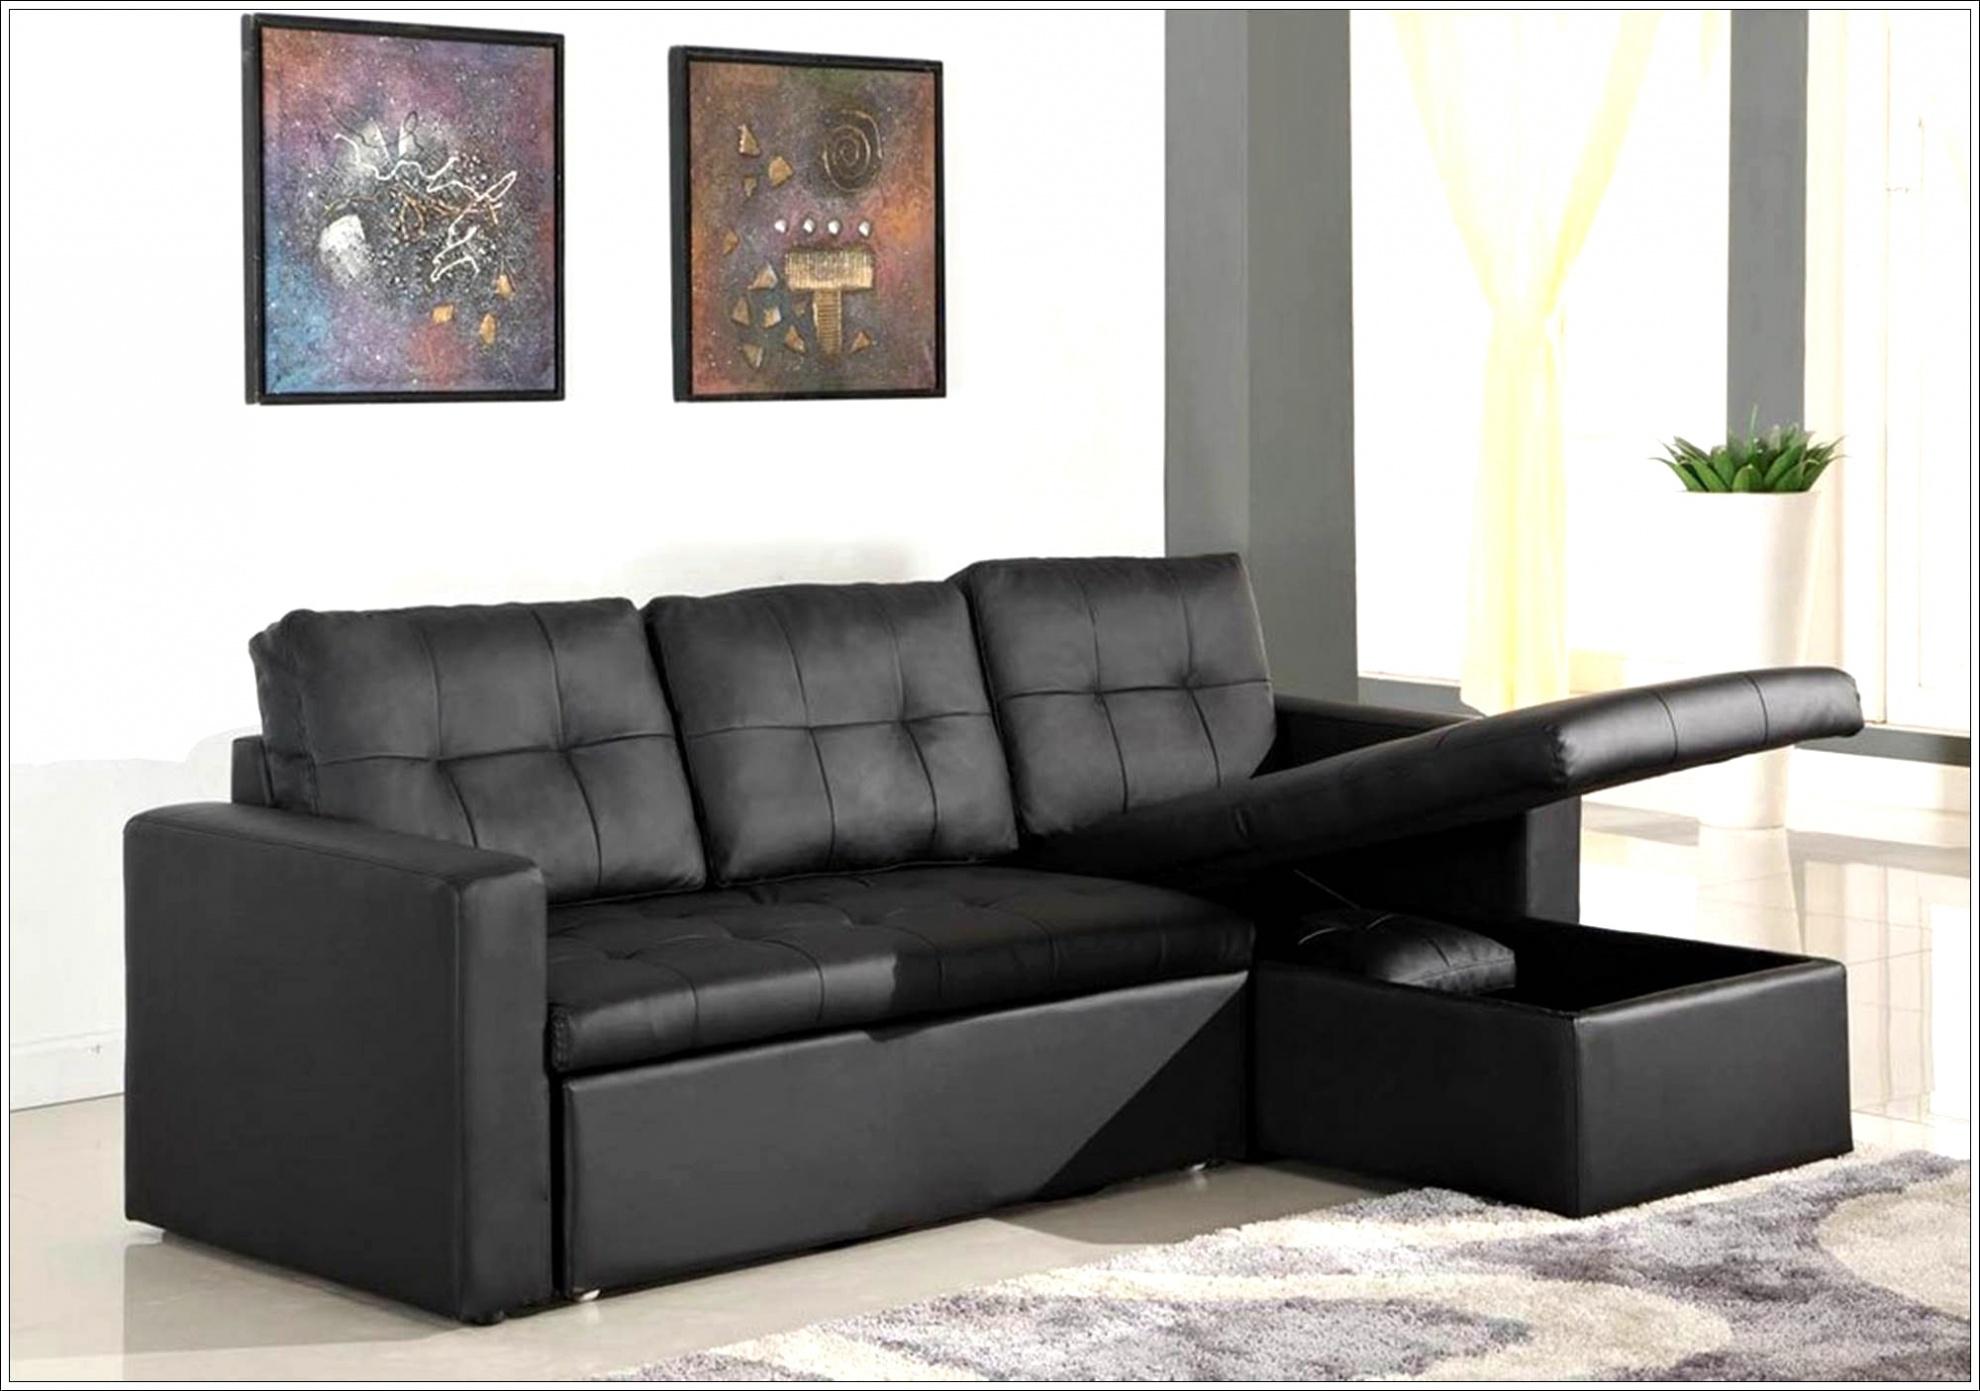 Canapé 3 Places La Redoute Élégant Photos Maha S Couch 7 Places Home Mahagranda